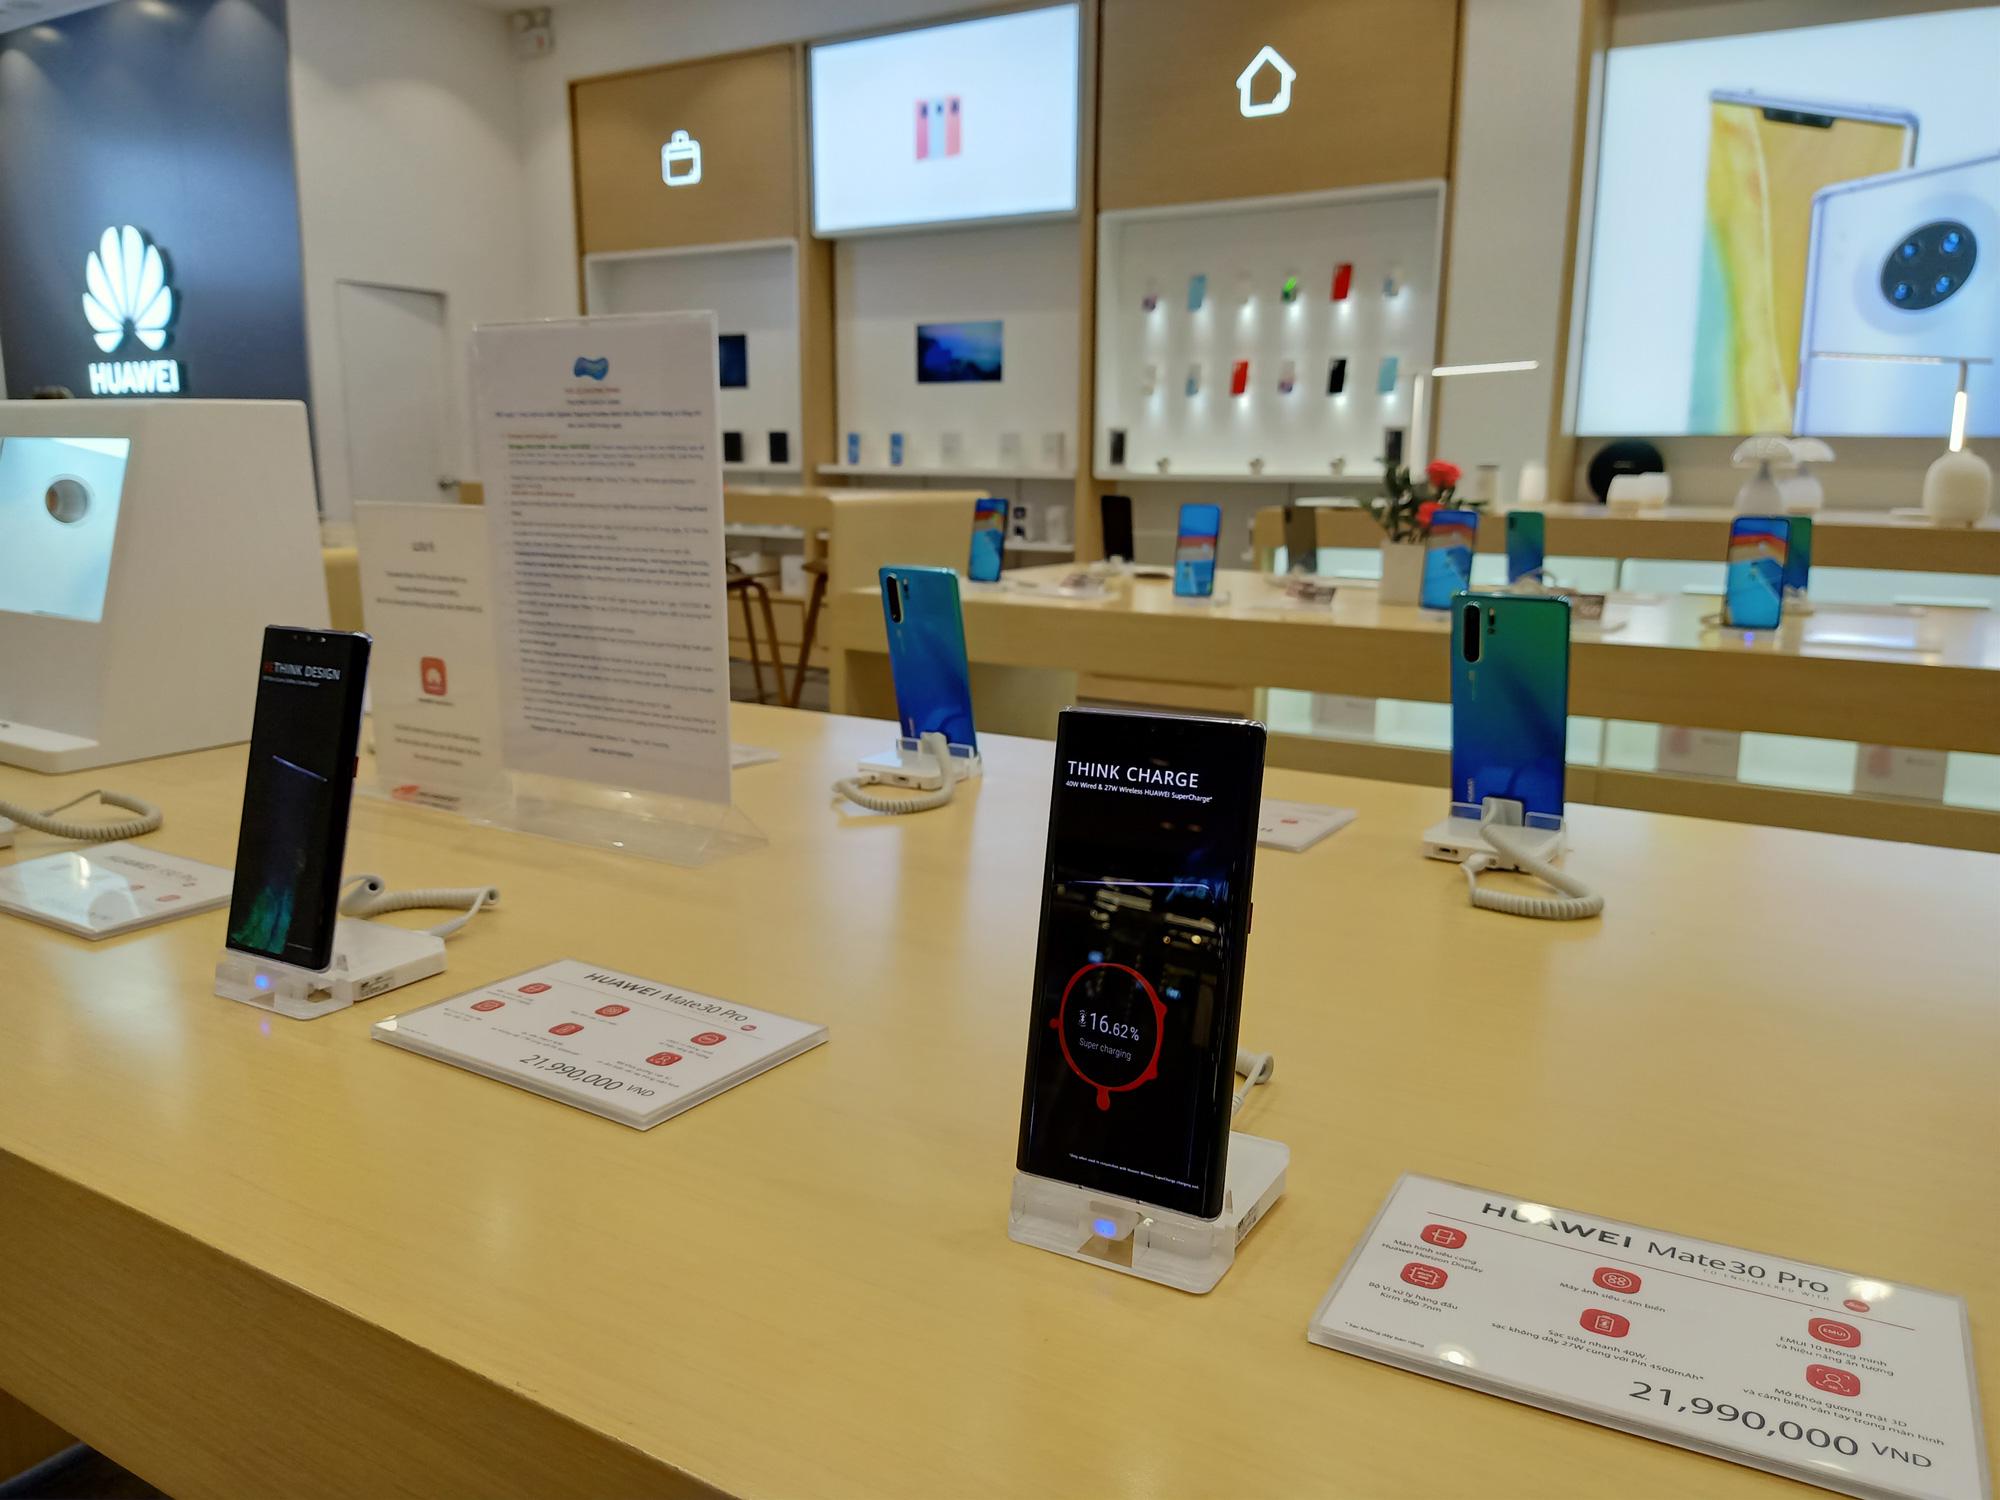 Điện thoại giảm giá tuần này: iPhone like new có giá tốt hơn, Samsung tiếp tục tung ưu đãi - Ảnh 2.